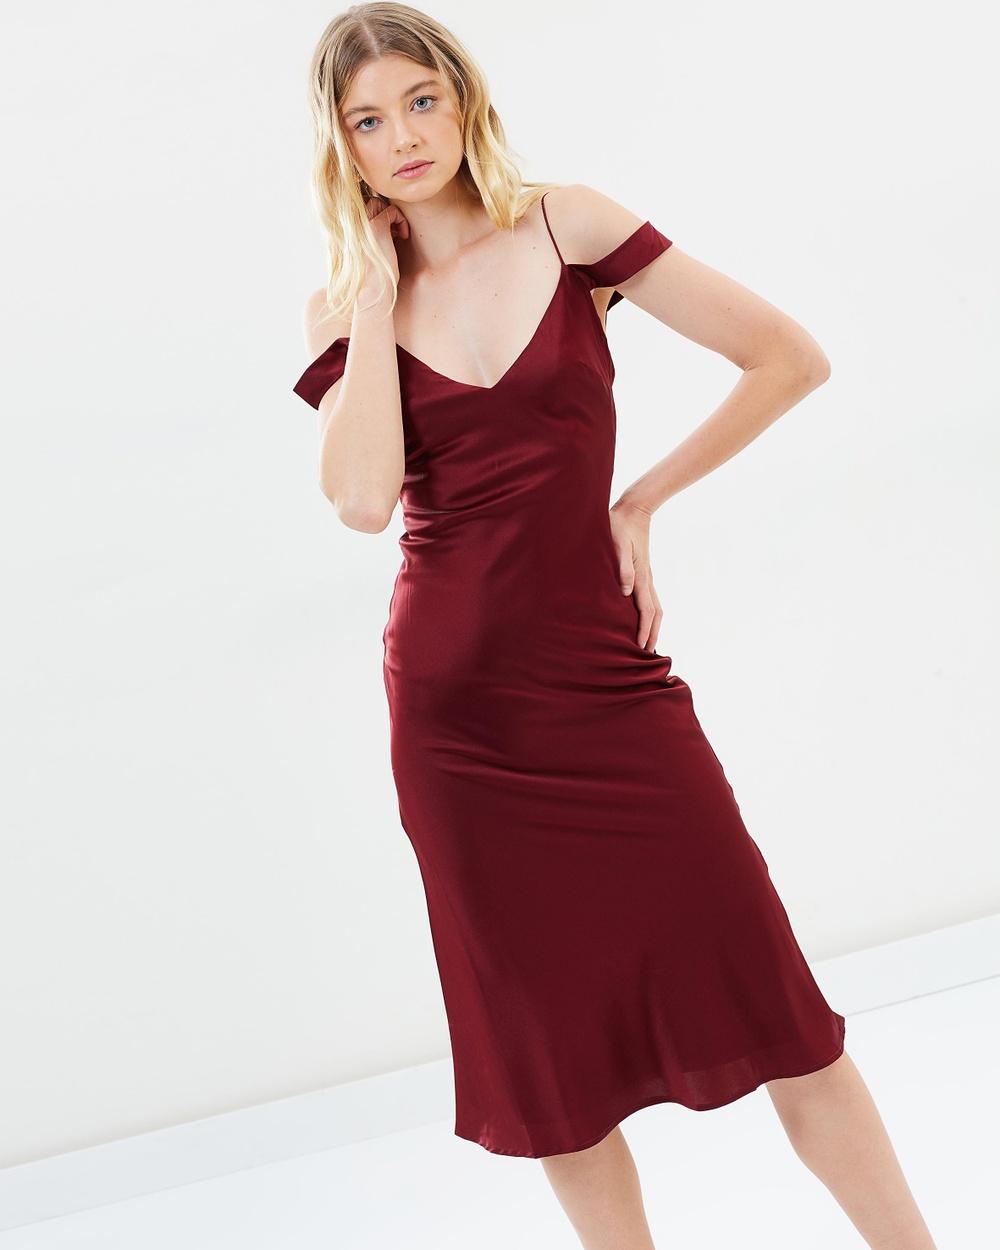 Hansen & Gretel Honeysuckle Silk Dress Dresses Wine Honeysuckle Silk Dress